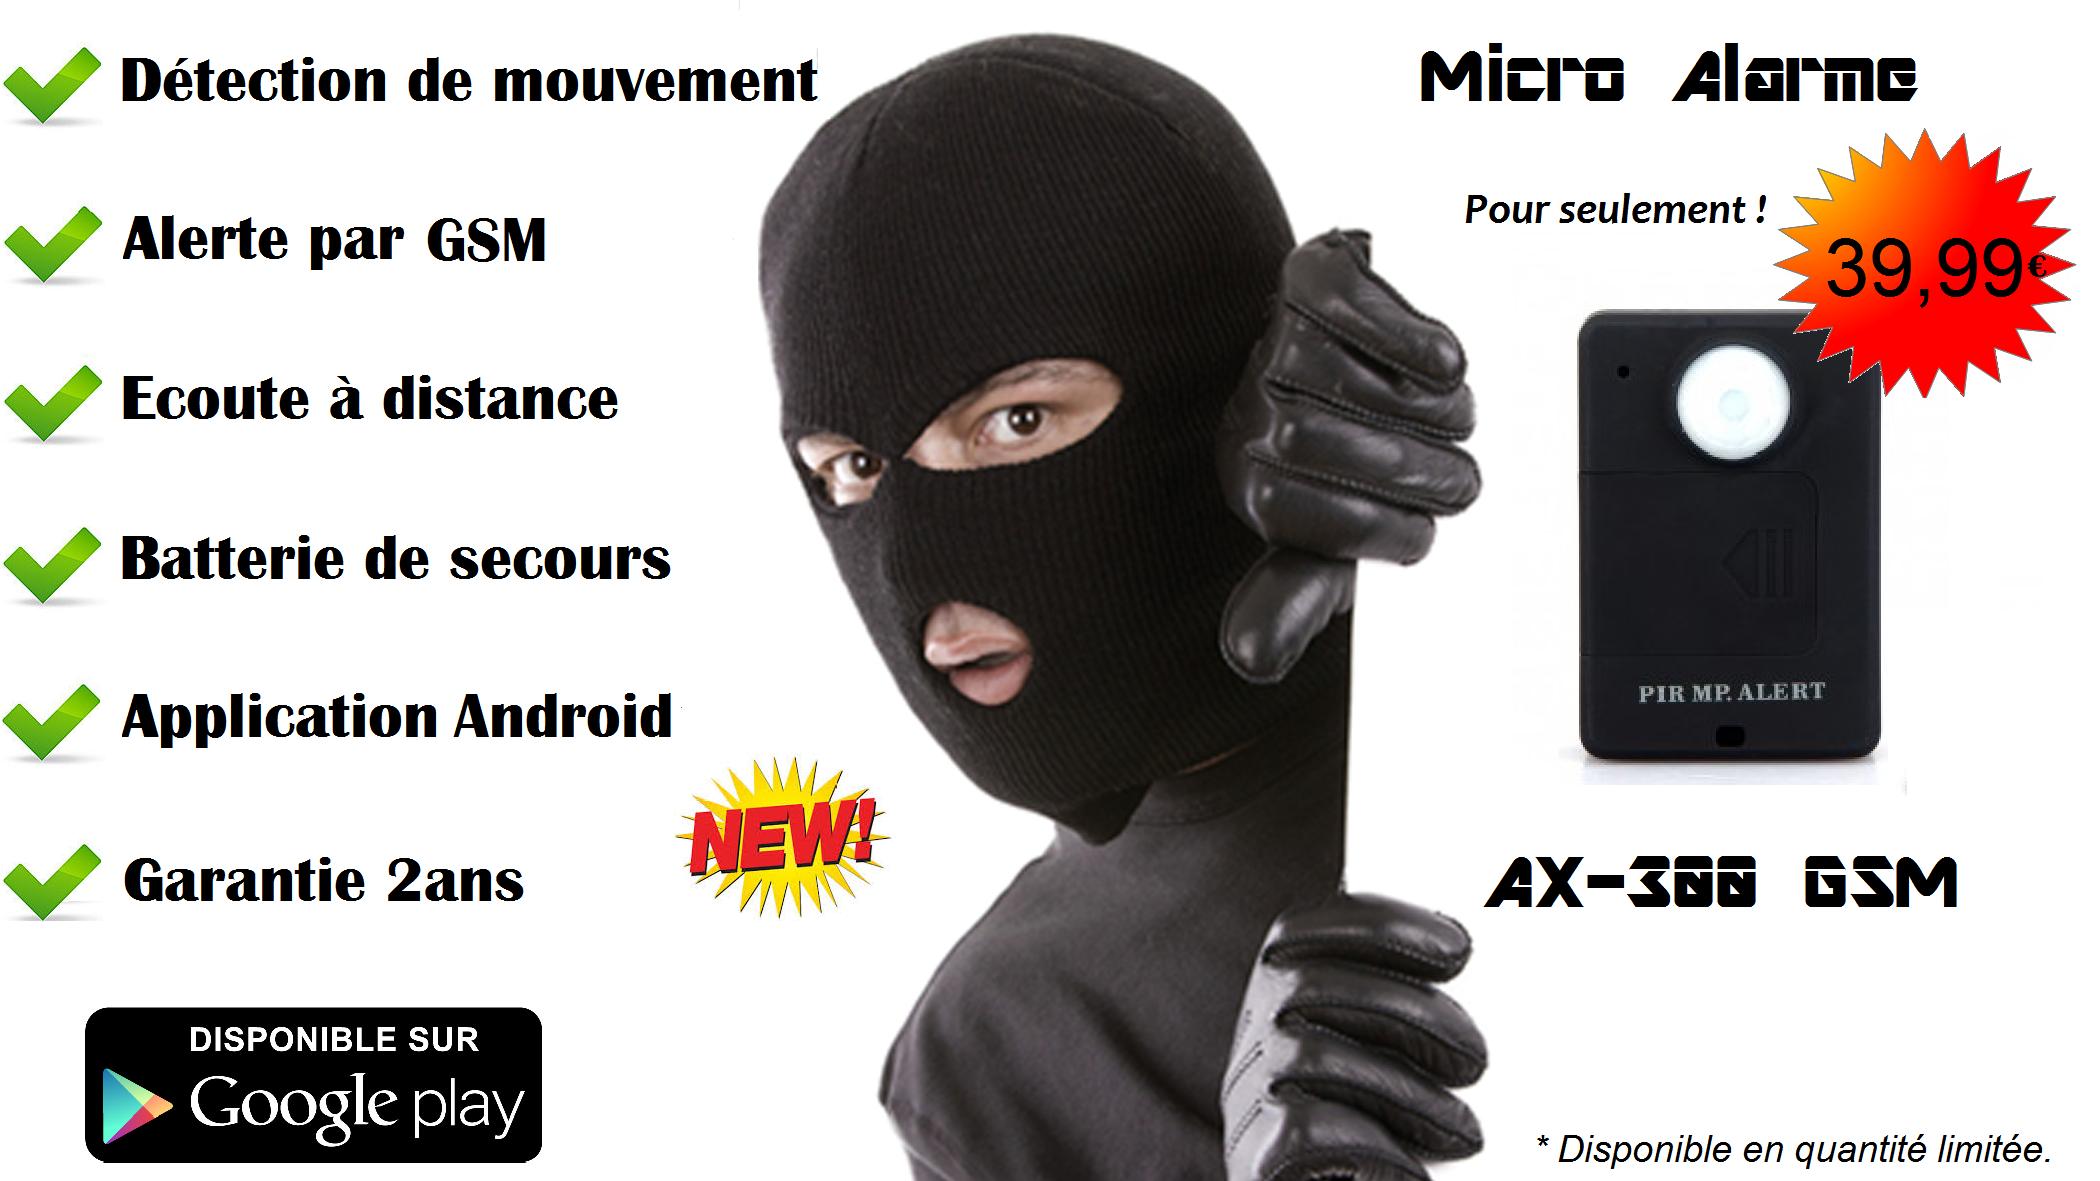 New !  La Micro alarme AX-300 GSM